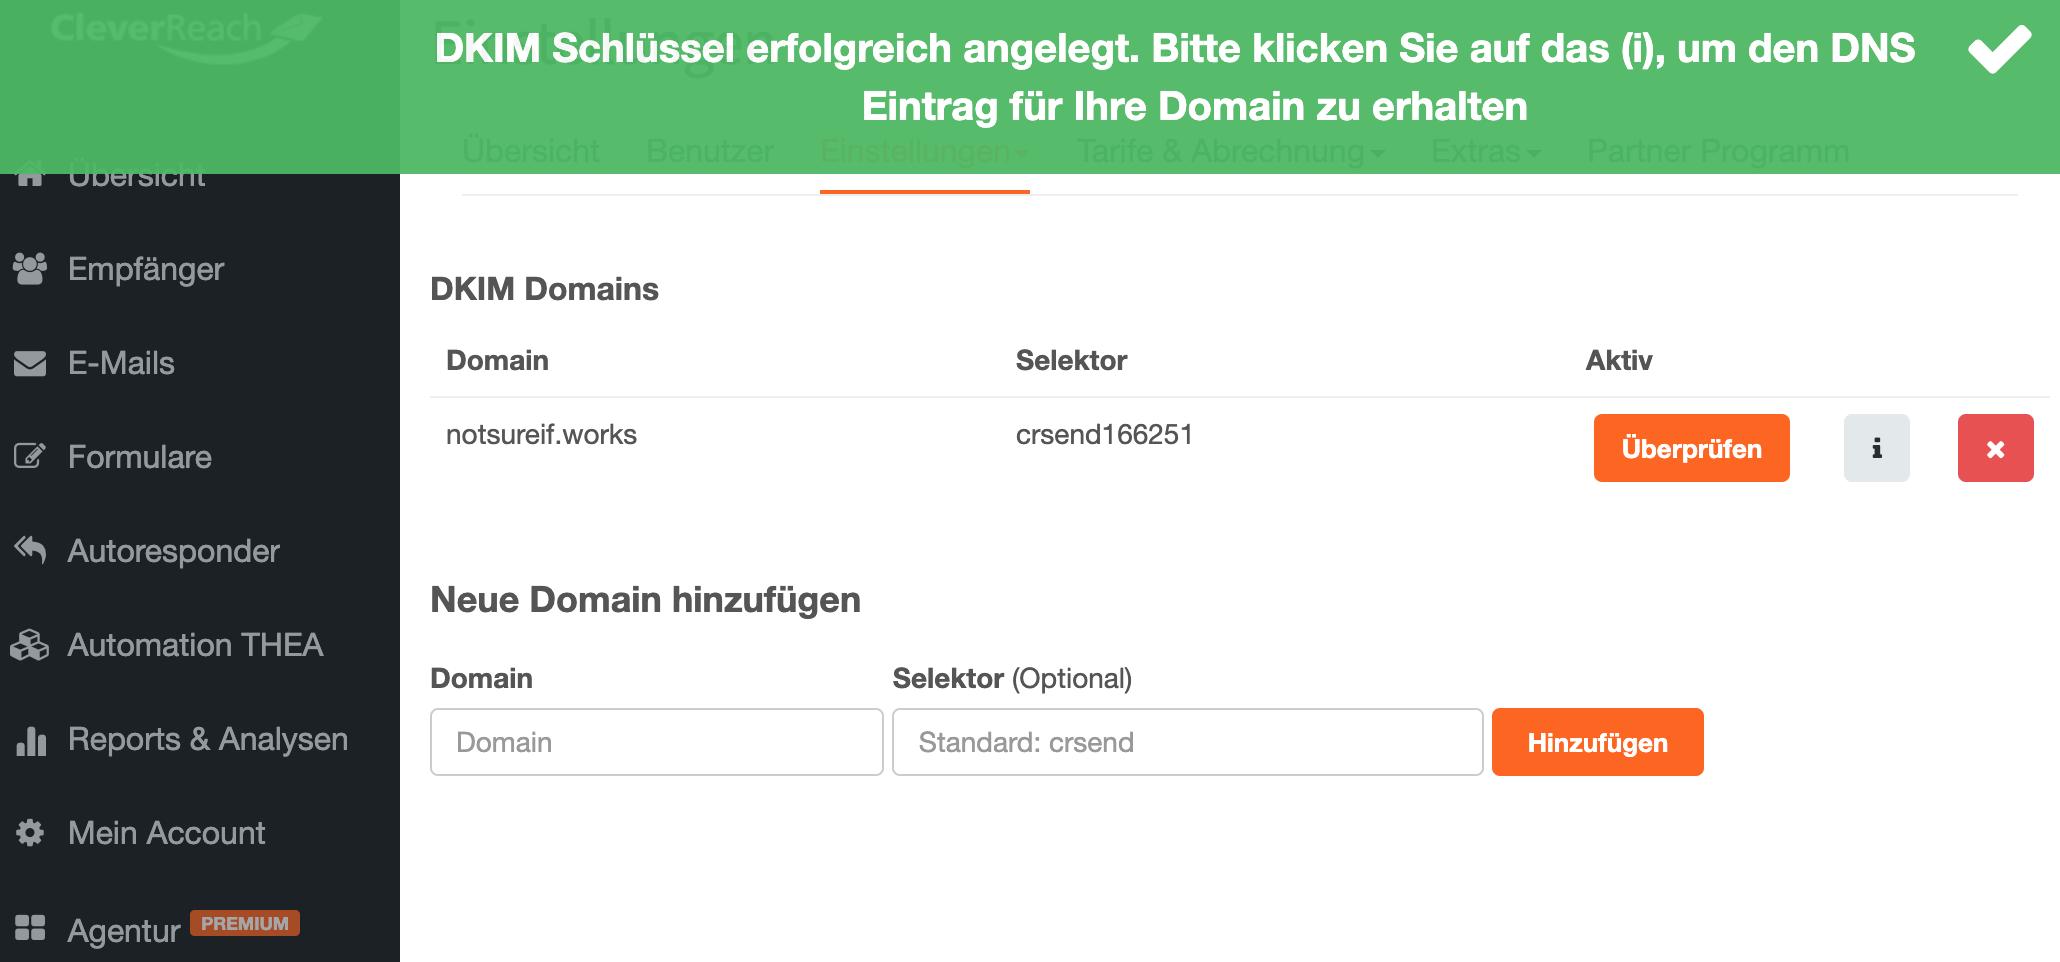 DKIM DNS Eintrag erhalten